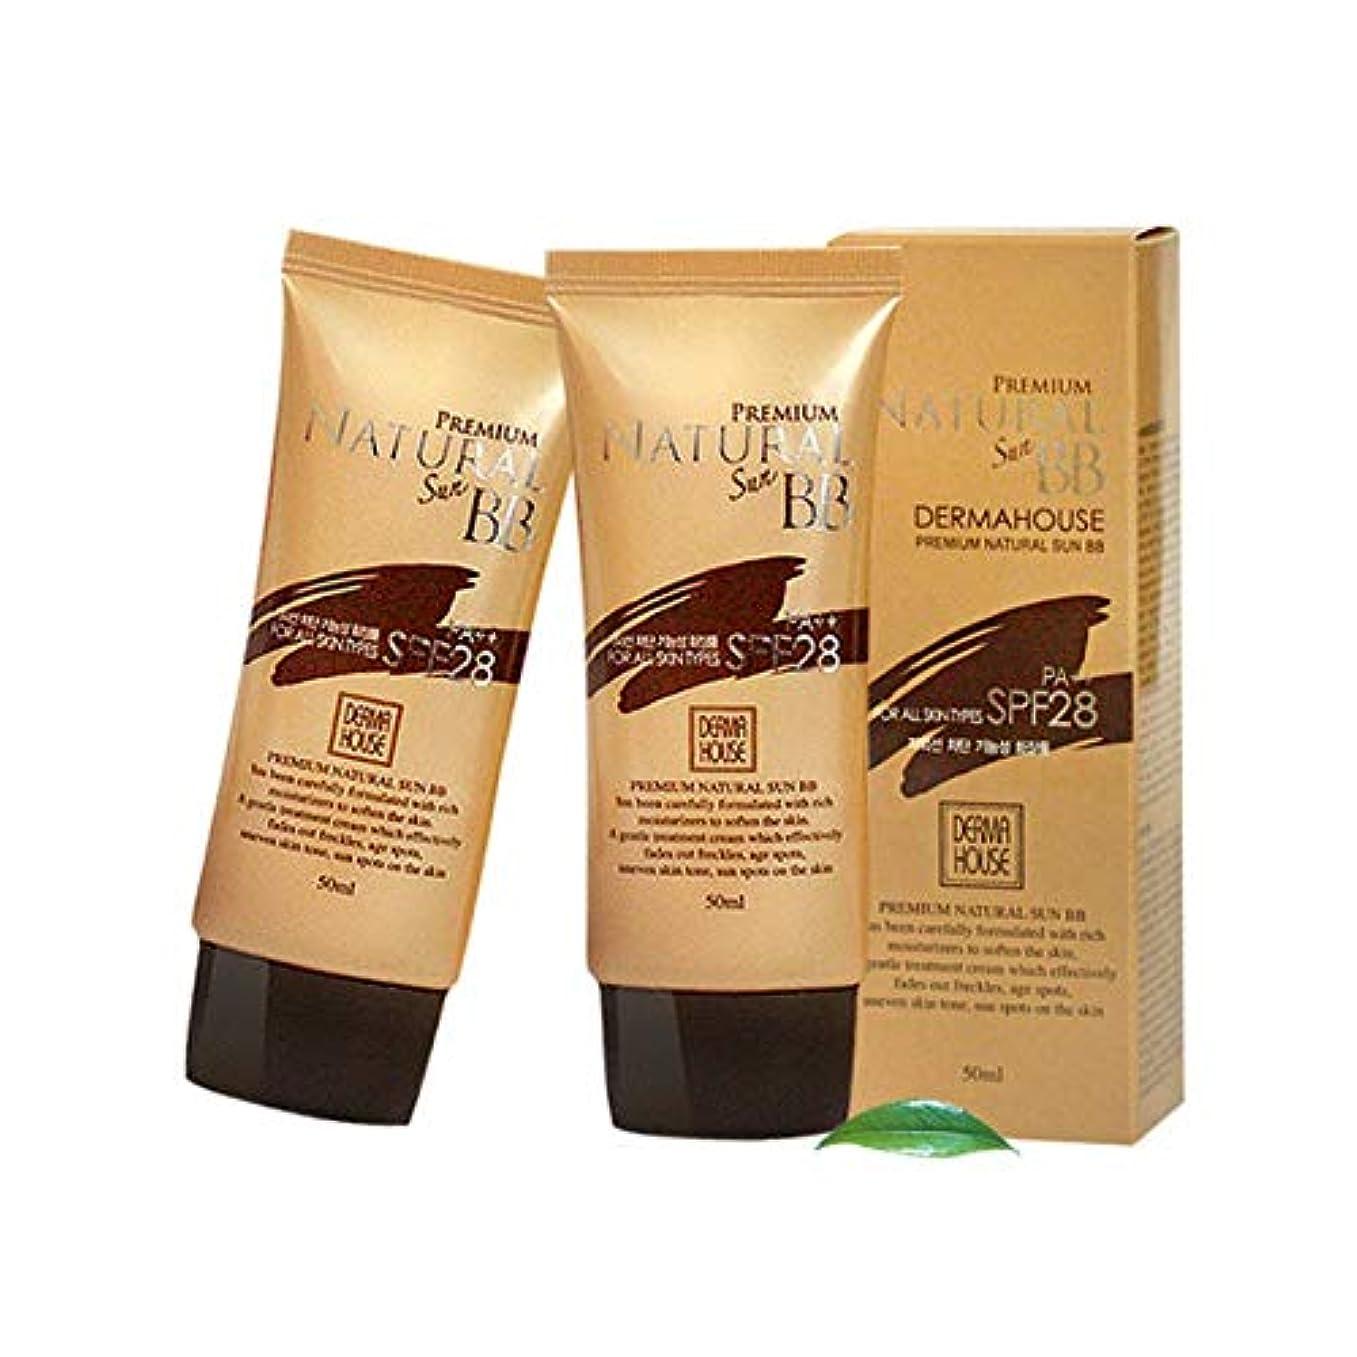 乱気流揮発性評価可能ダーマハウスプレミアムナチュラルサンBBクリーム 50mlx2本セット韓国コスメ、Derma House Premium Natural Sun BB Cream 50ml x 2ea Set Korean Cosmetics...